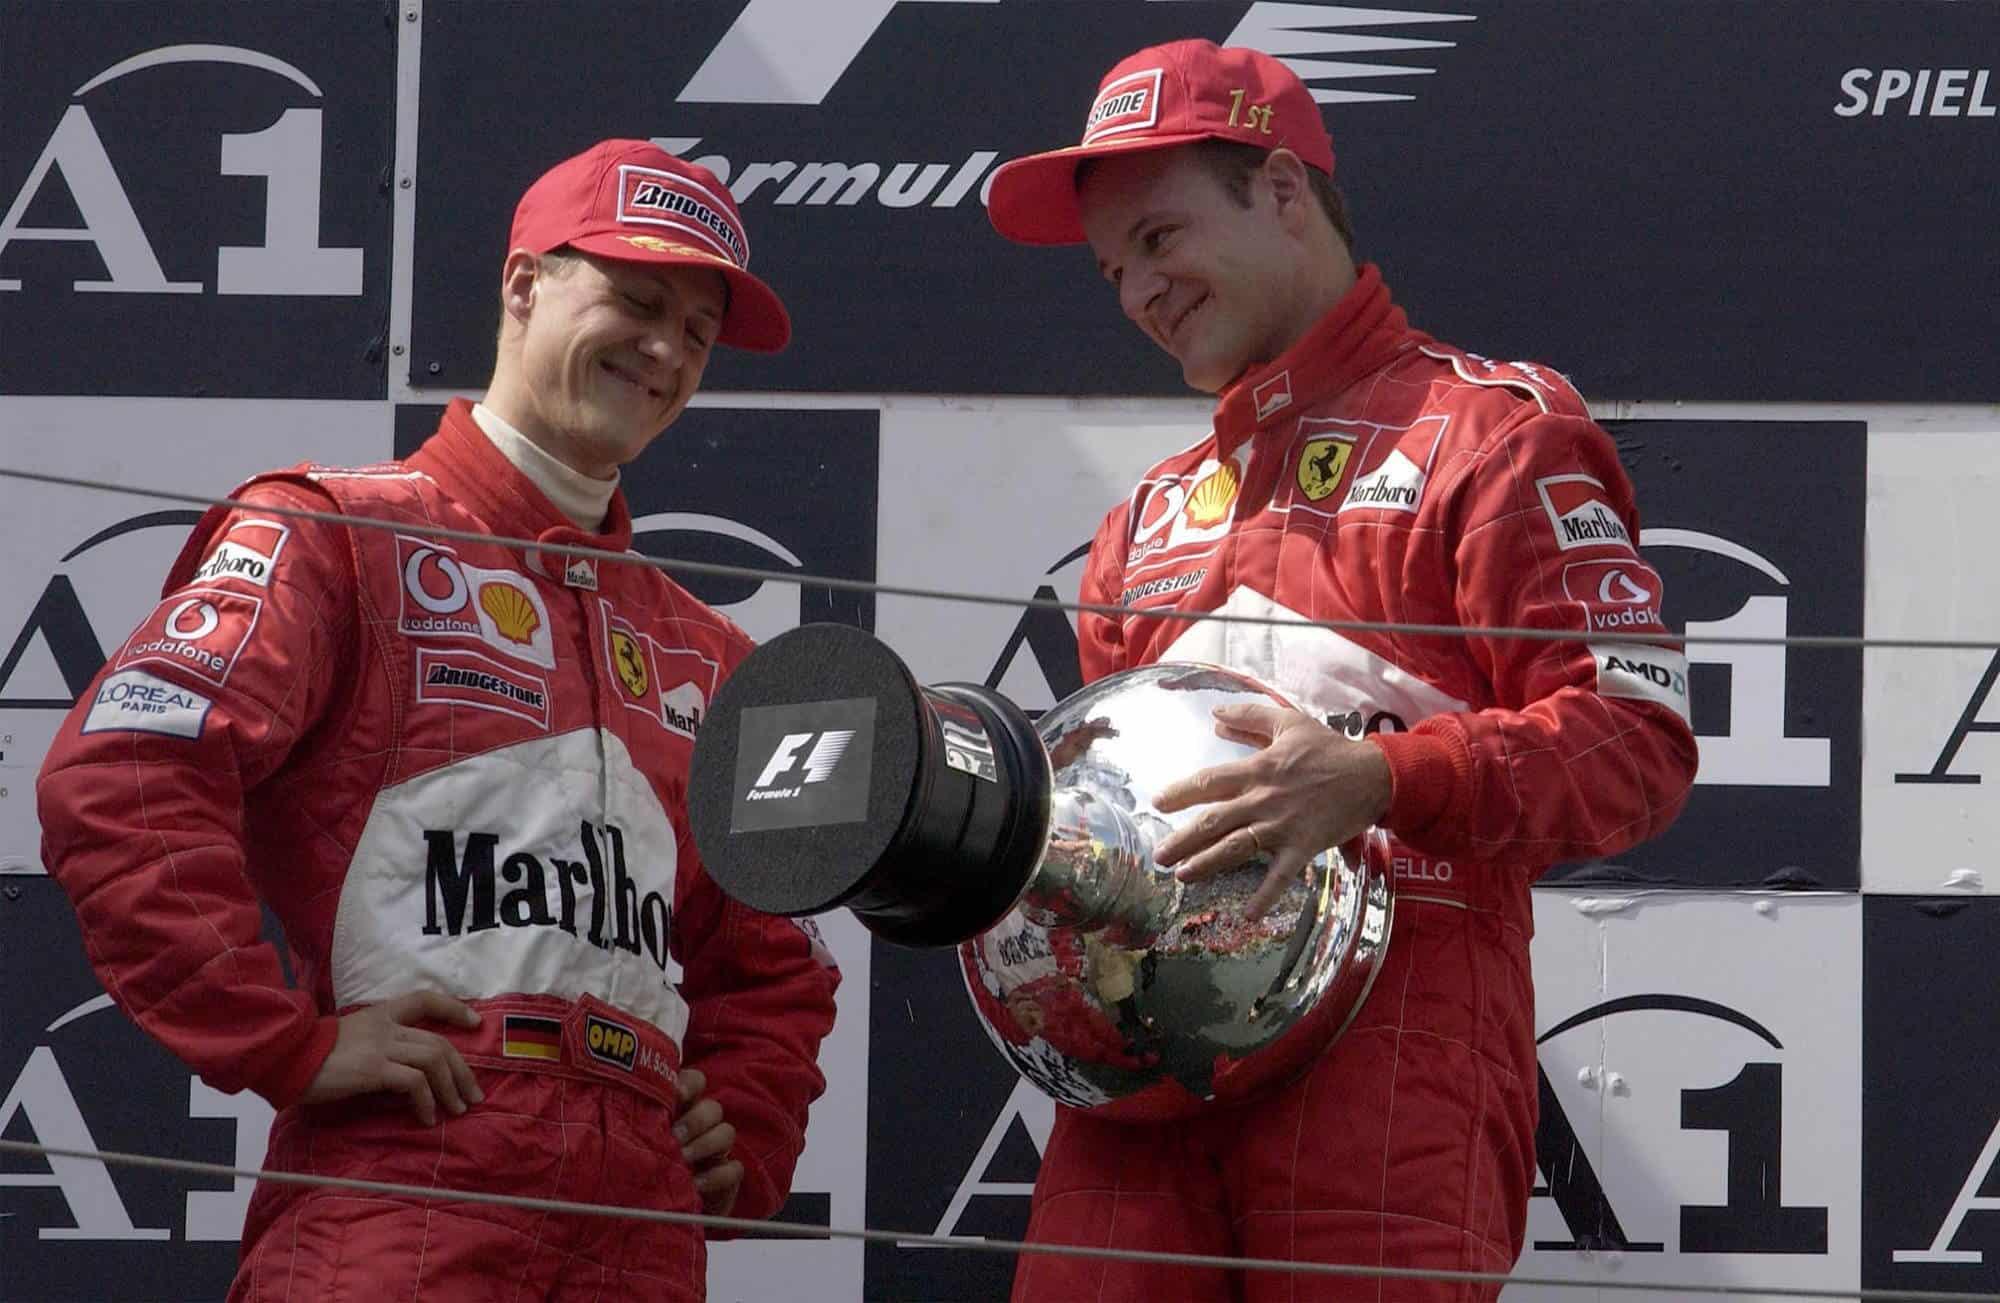 2002 Austrian GP Schumacher Barrichello podium with trophy Photo Ferrari Edited by MAXF1net